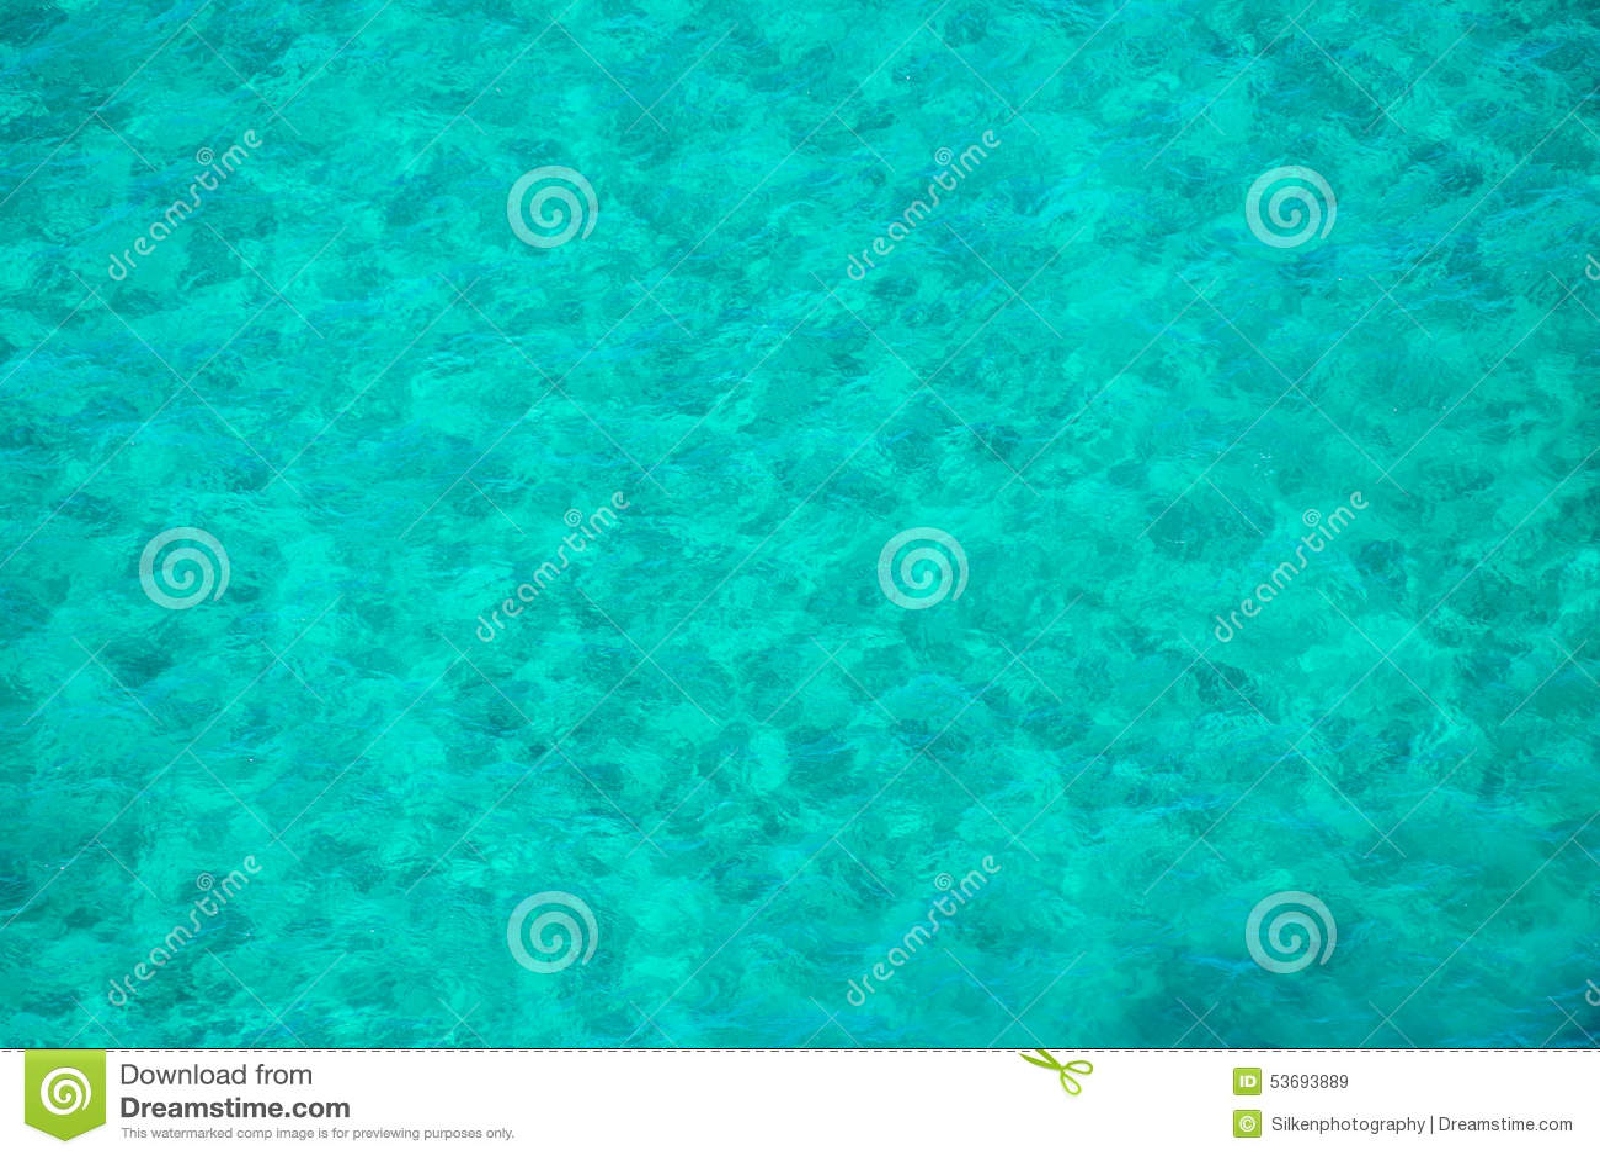 Akvamarinhavsbakgrund